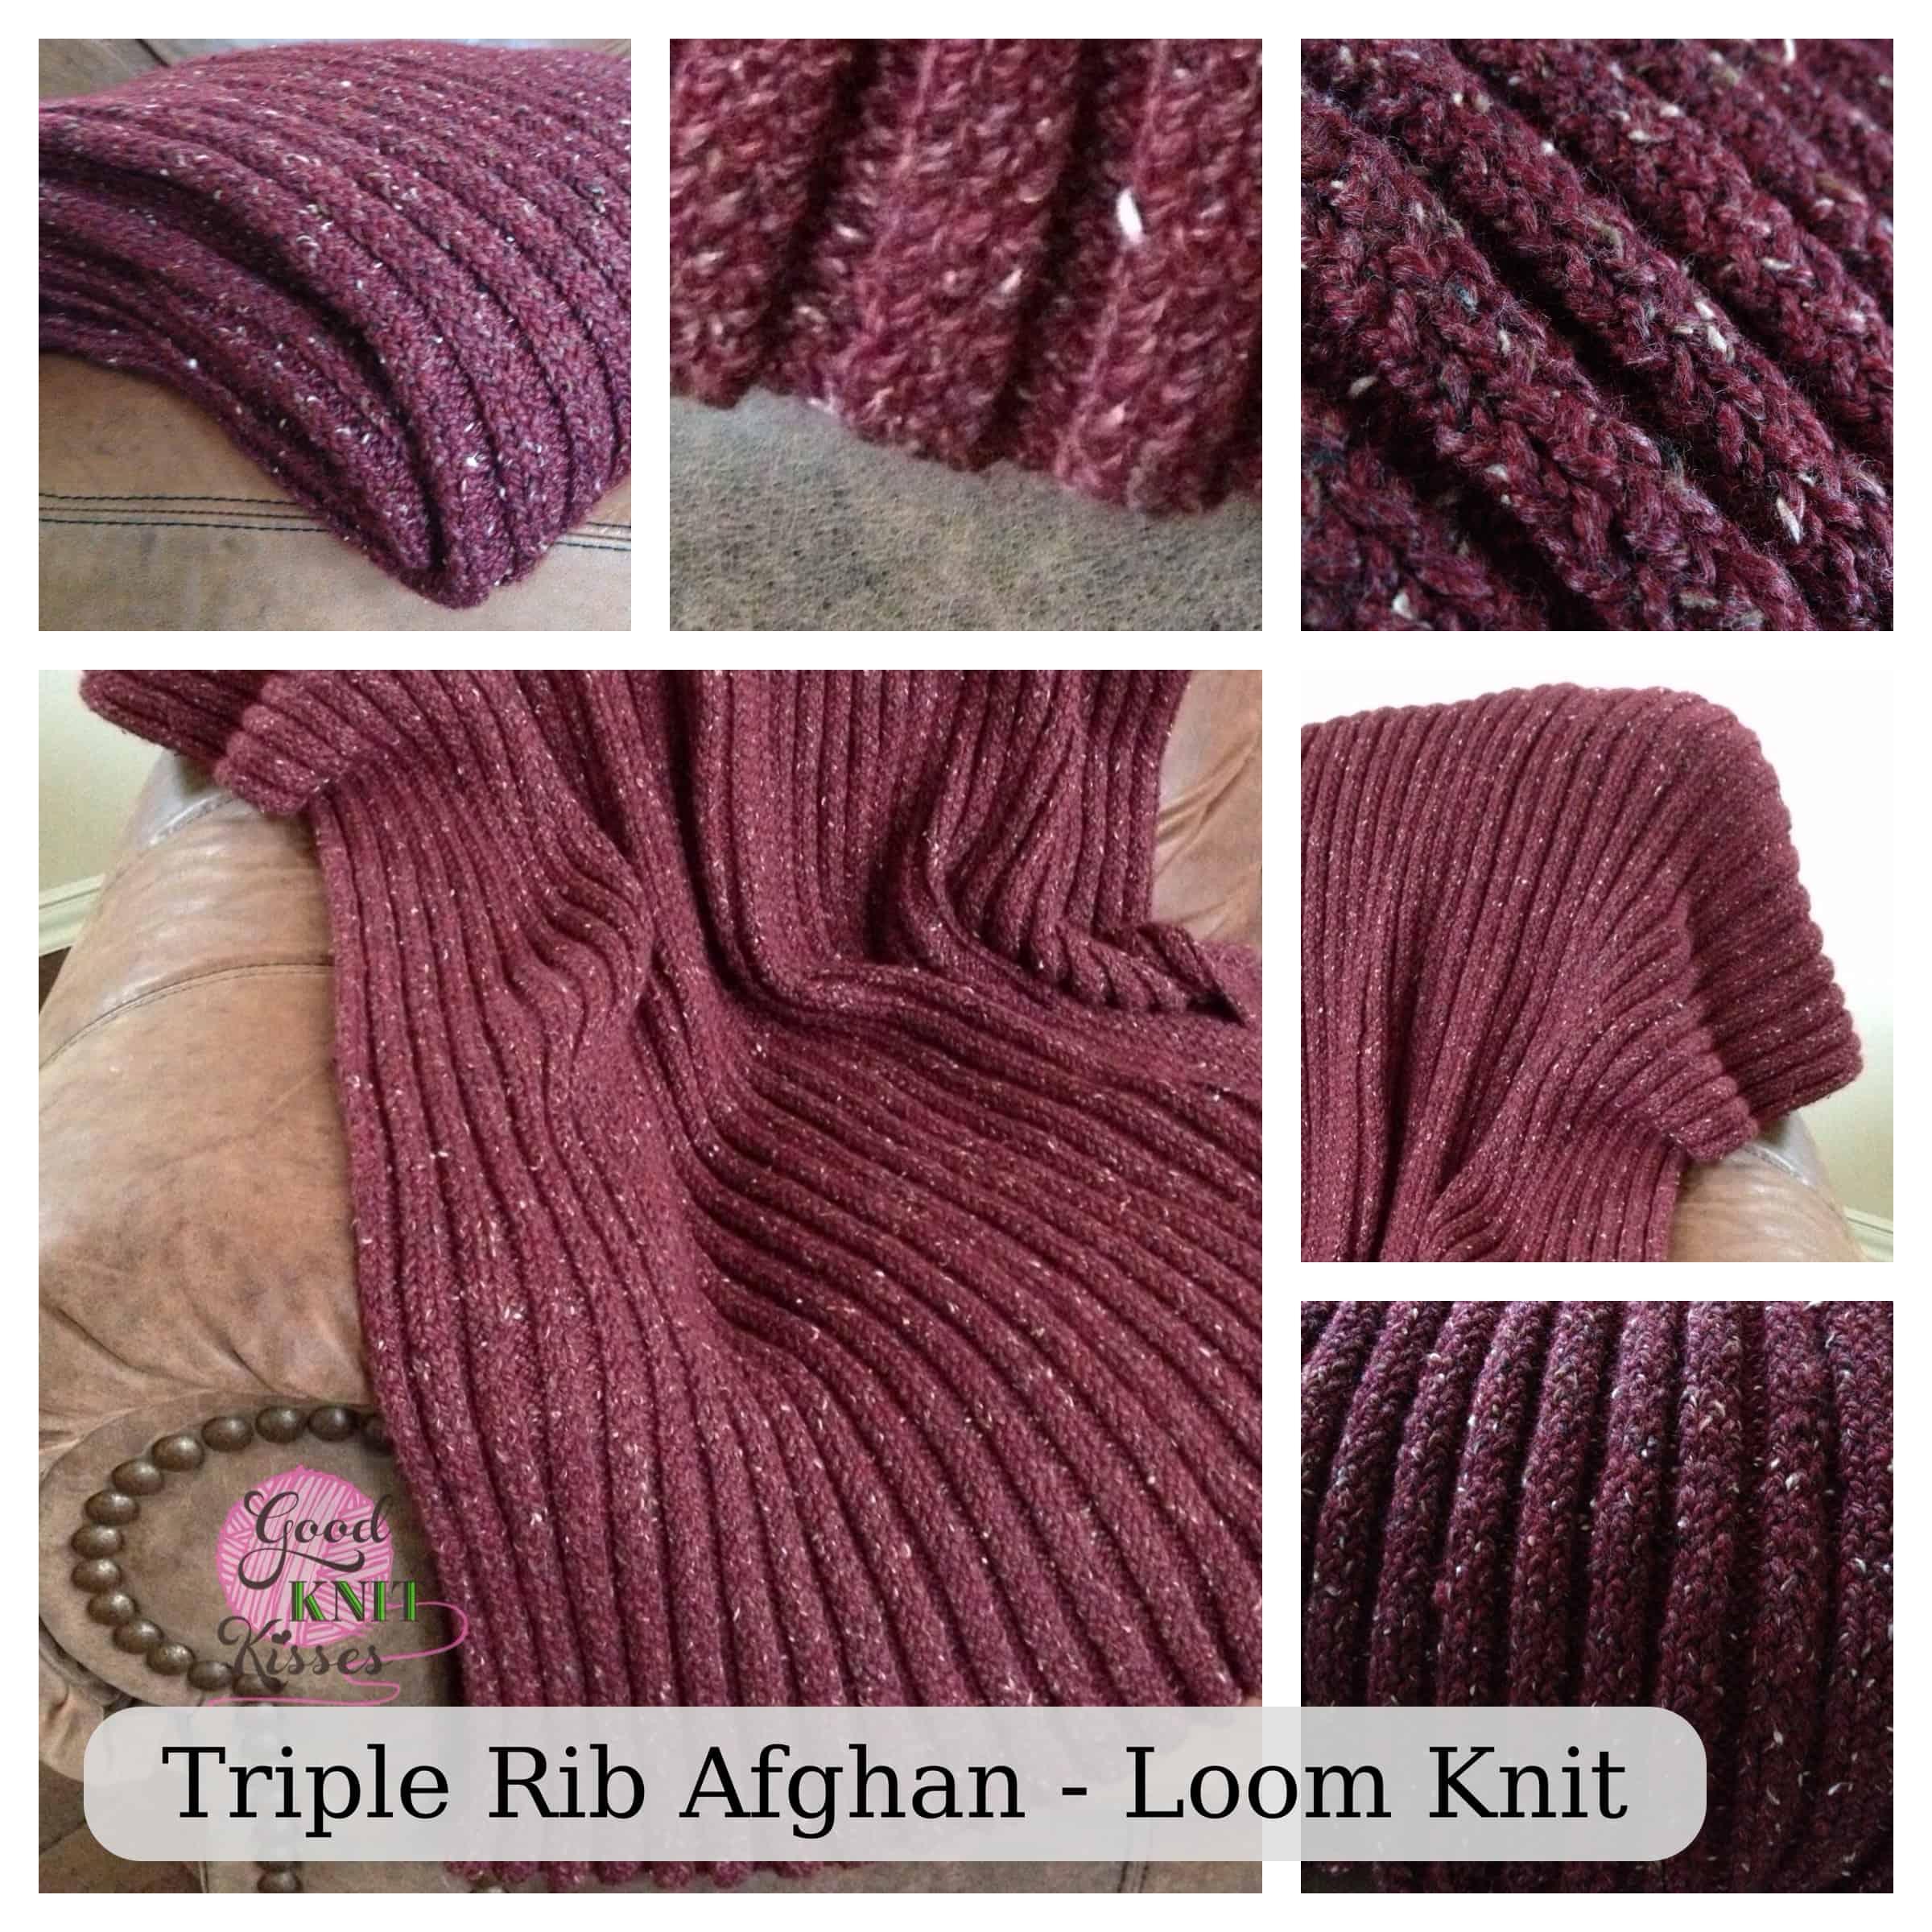 Loom Knit Triple Rib Stitch - GoodKnit Kisses